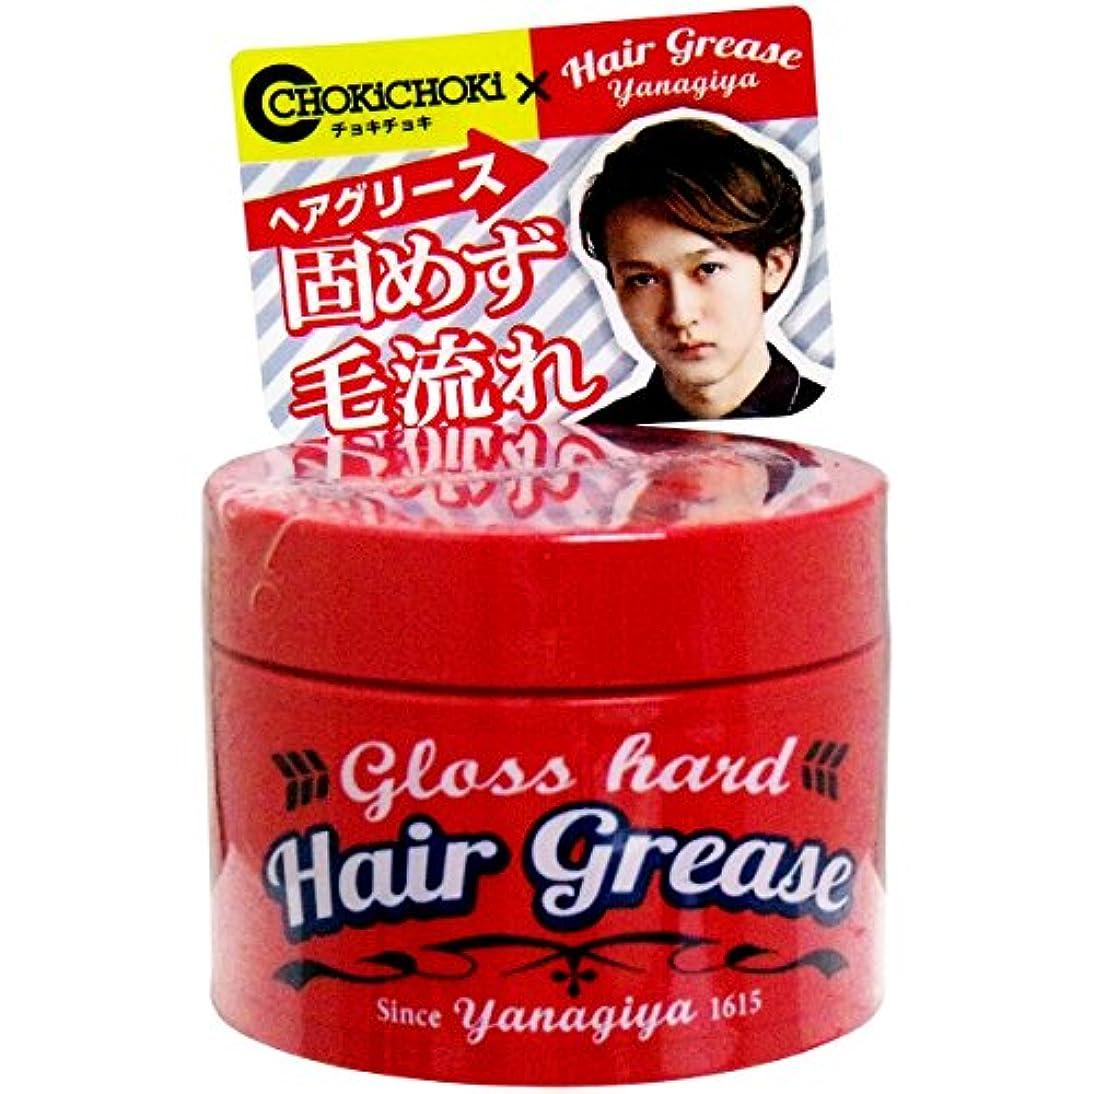 パン屋蜜何ヘアワックス 固めず毛流れ 使いやすい YANAGIYA ヘアグリース グロスハード 90g入【2個セット】